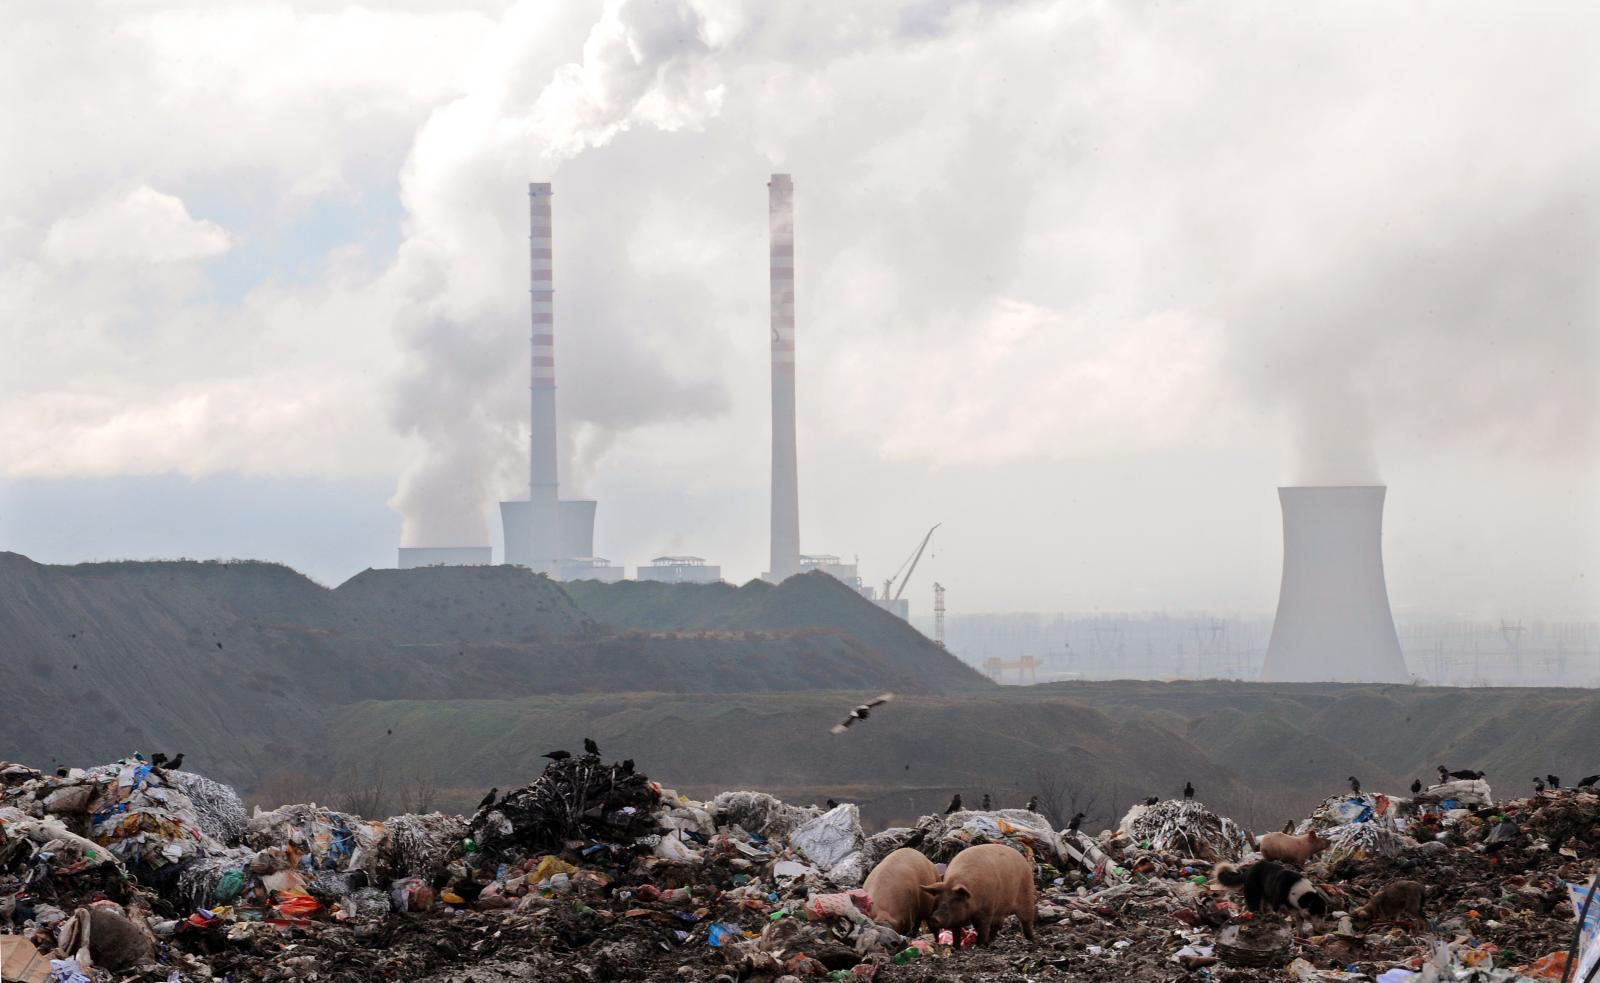 ยูเอ็นเผยก๊าซเรือนกระจกยังพุ่งทำสถิติใหม่ แม้โลกเจอโควิด